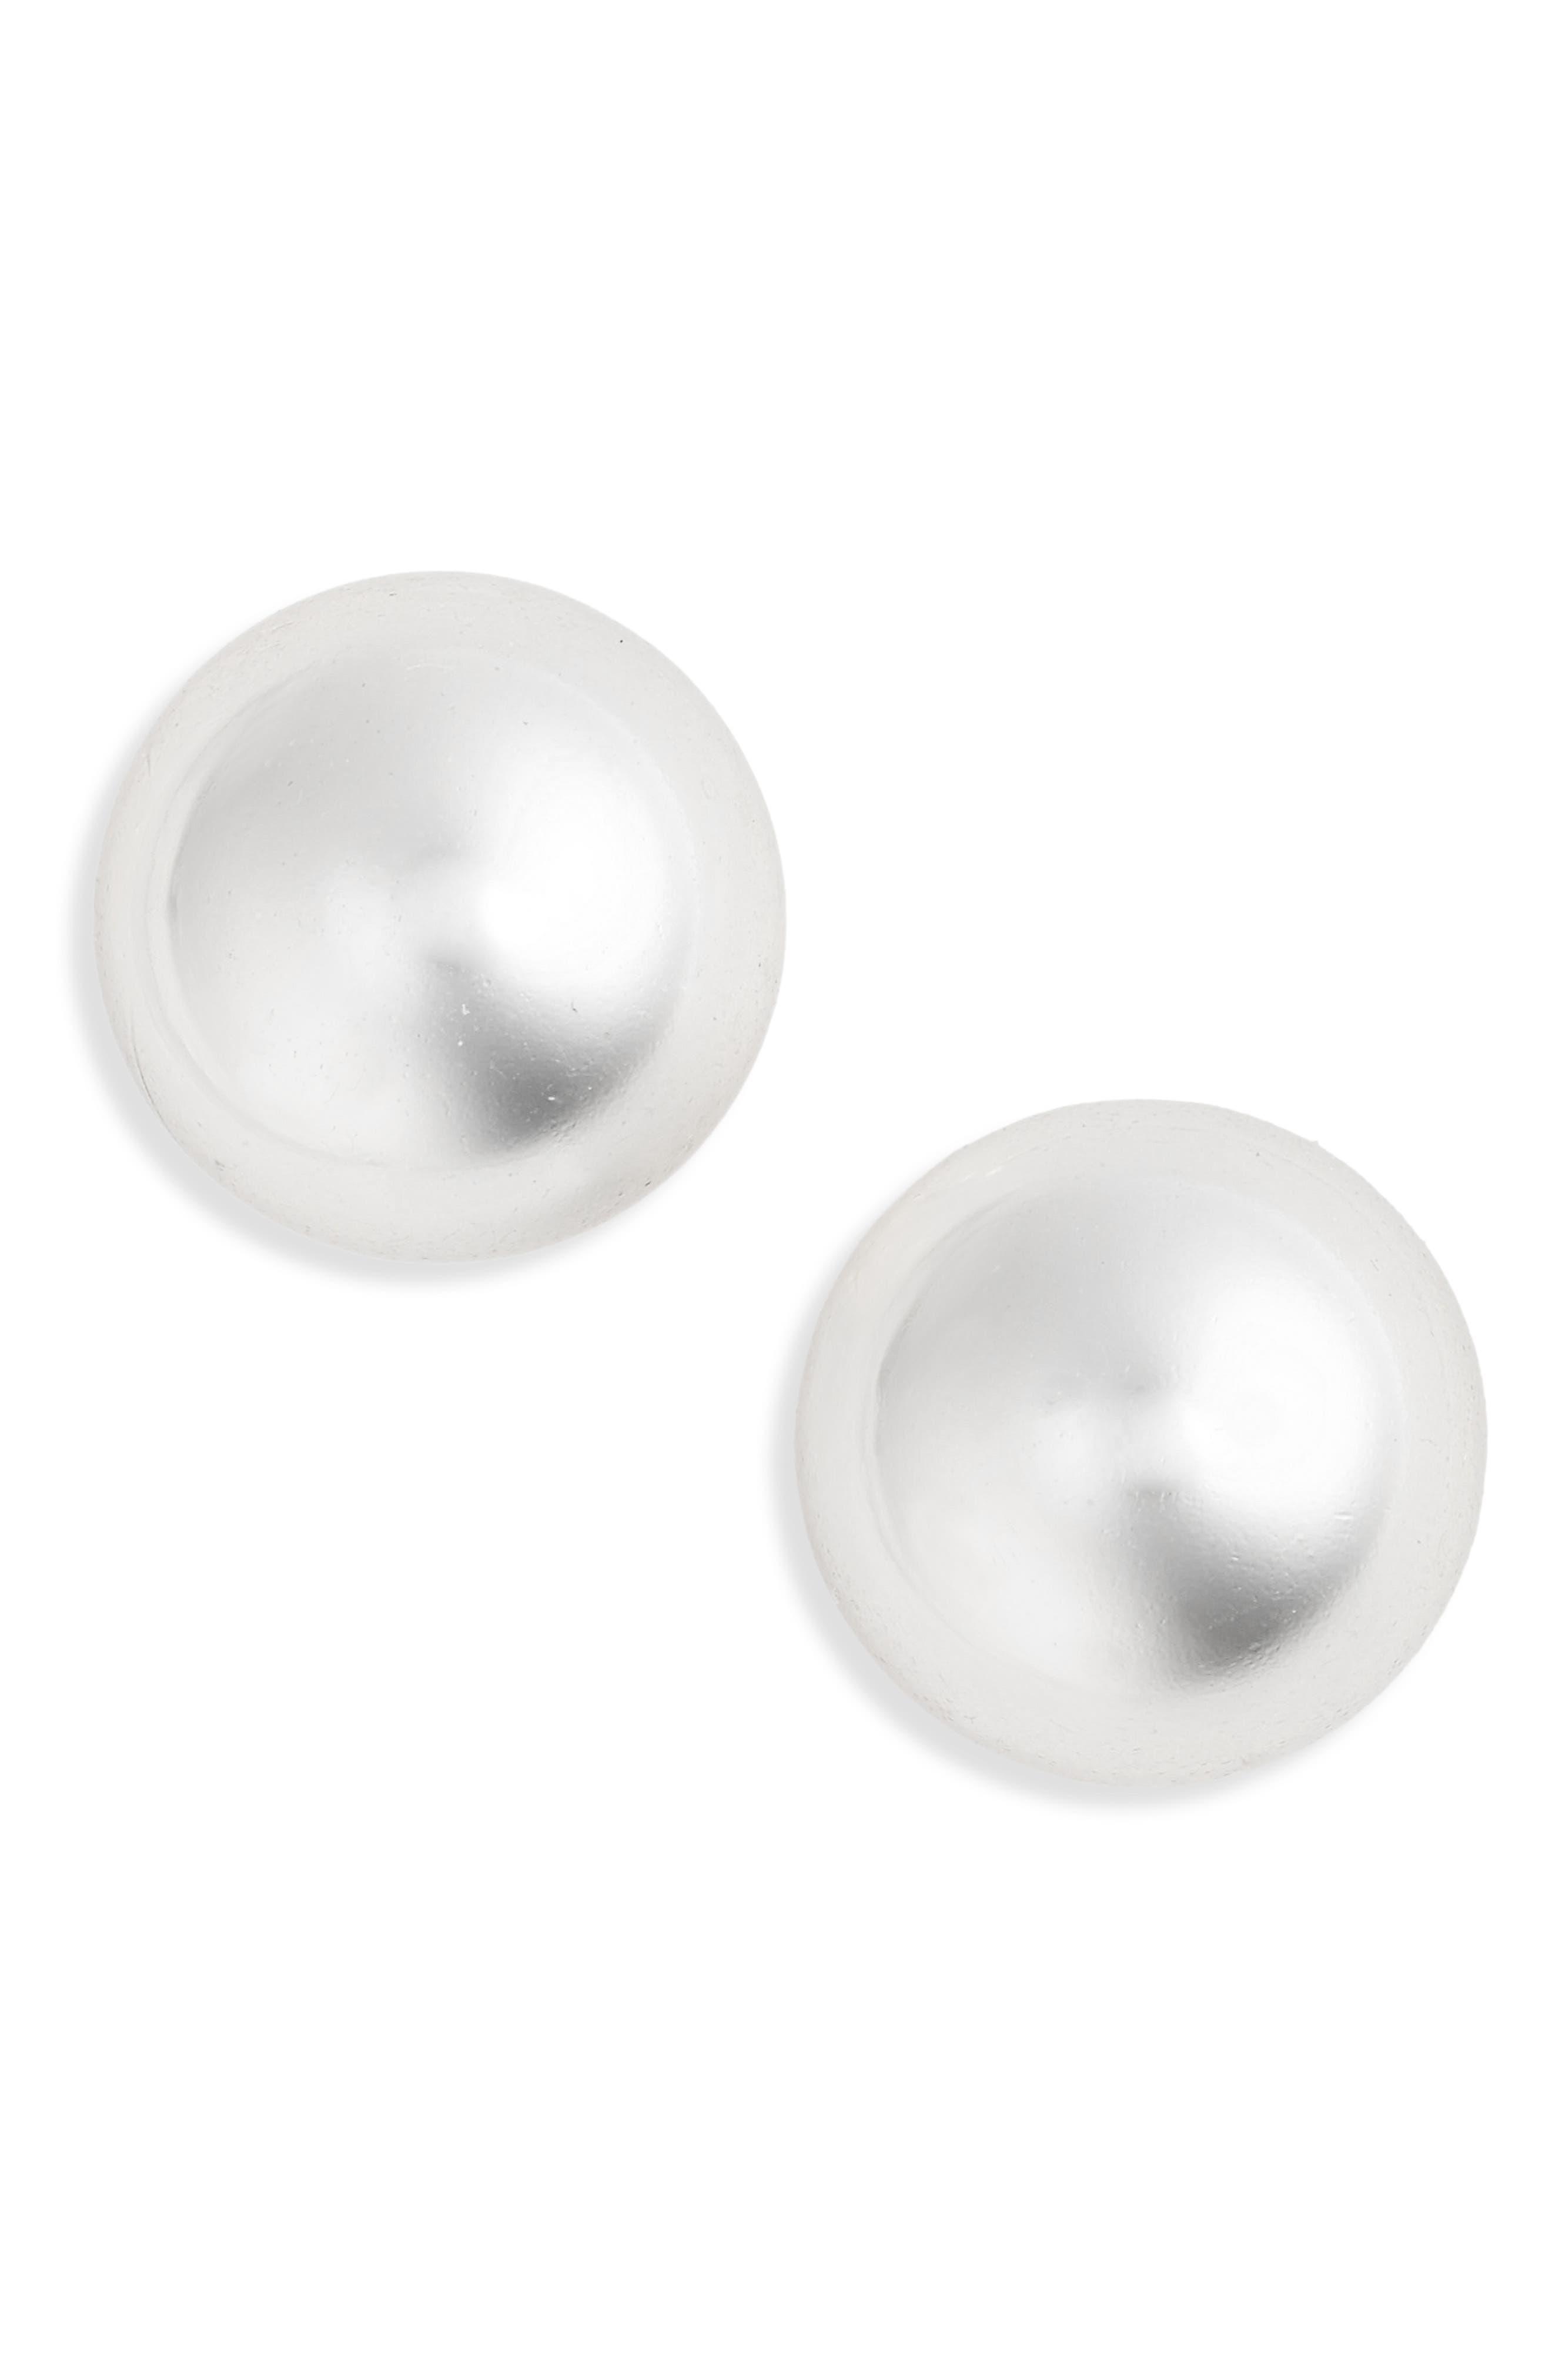 Ball Stud Earrings,                             Main thumbnail 1, color,                             SILVER